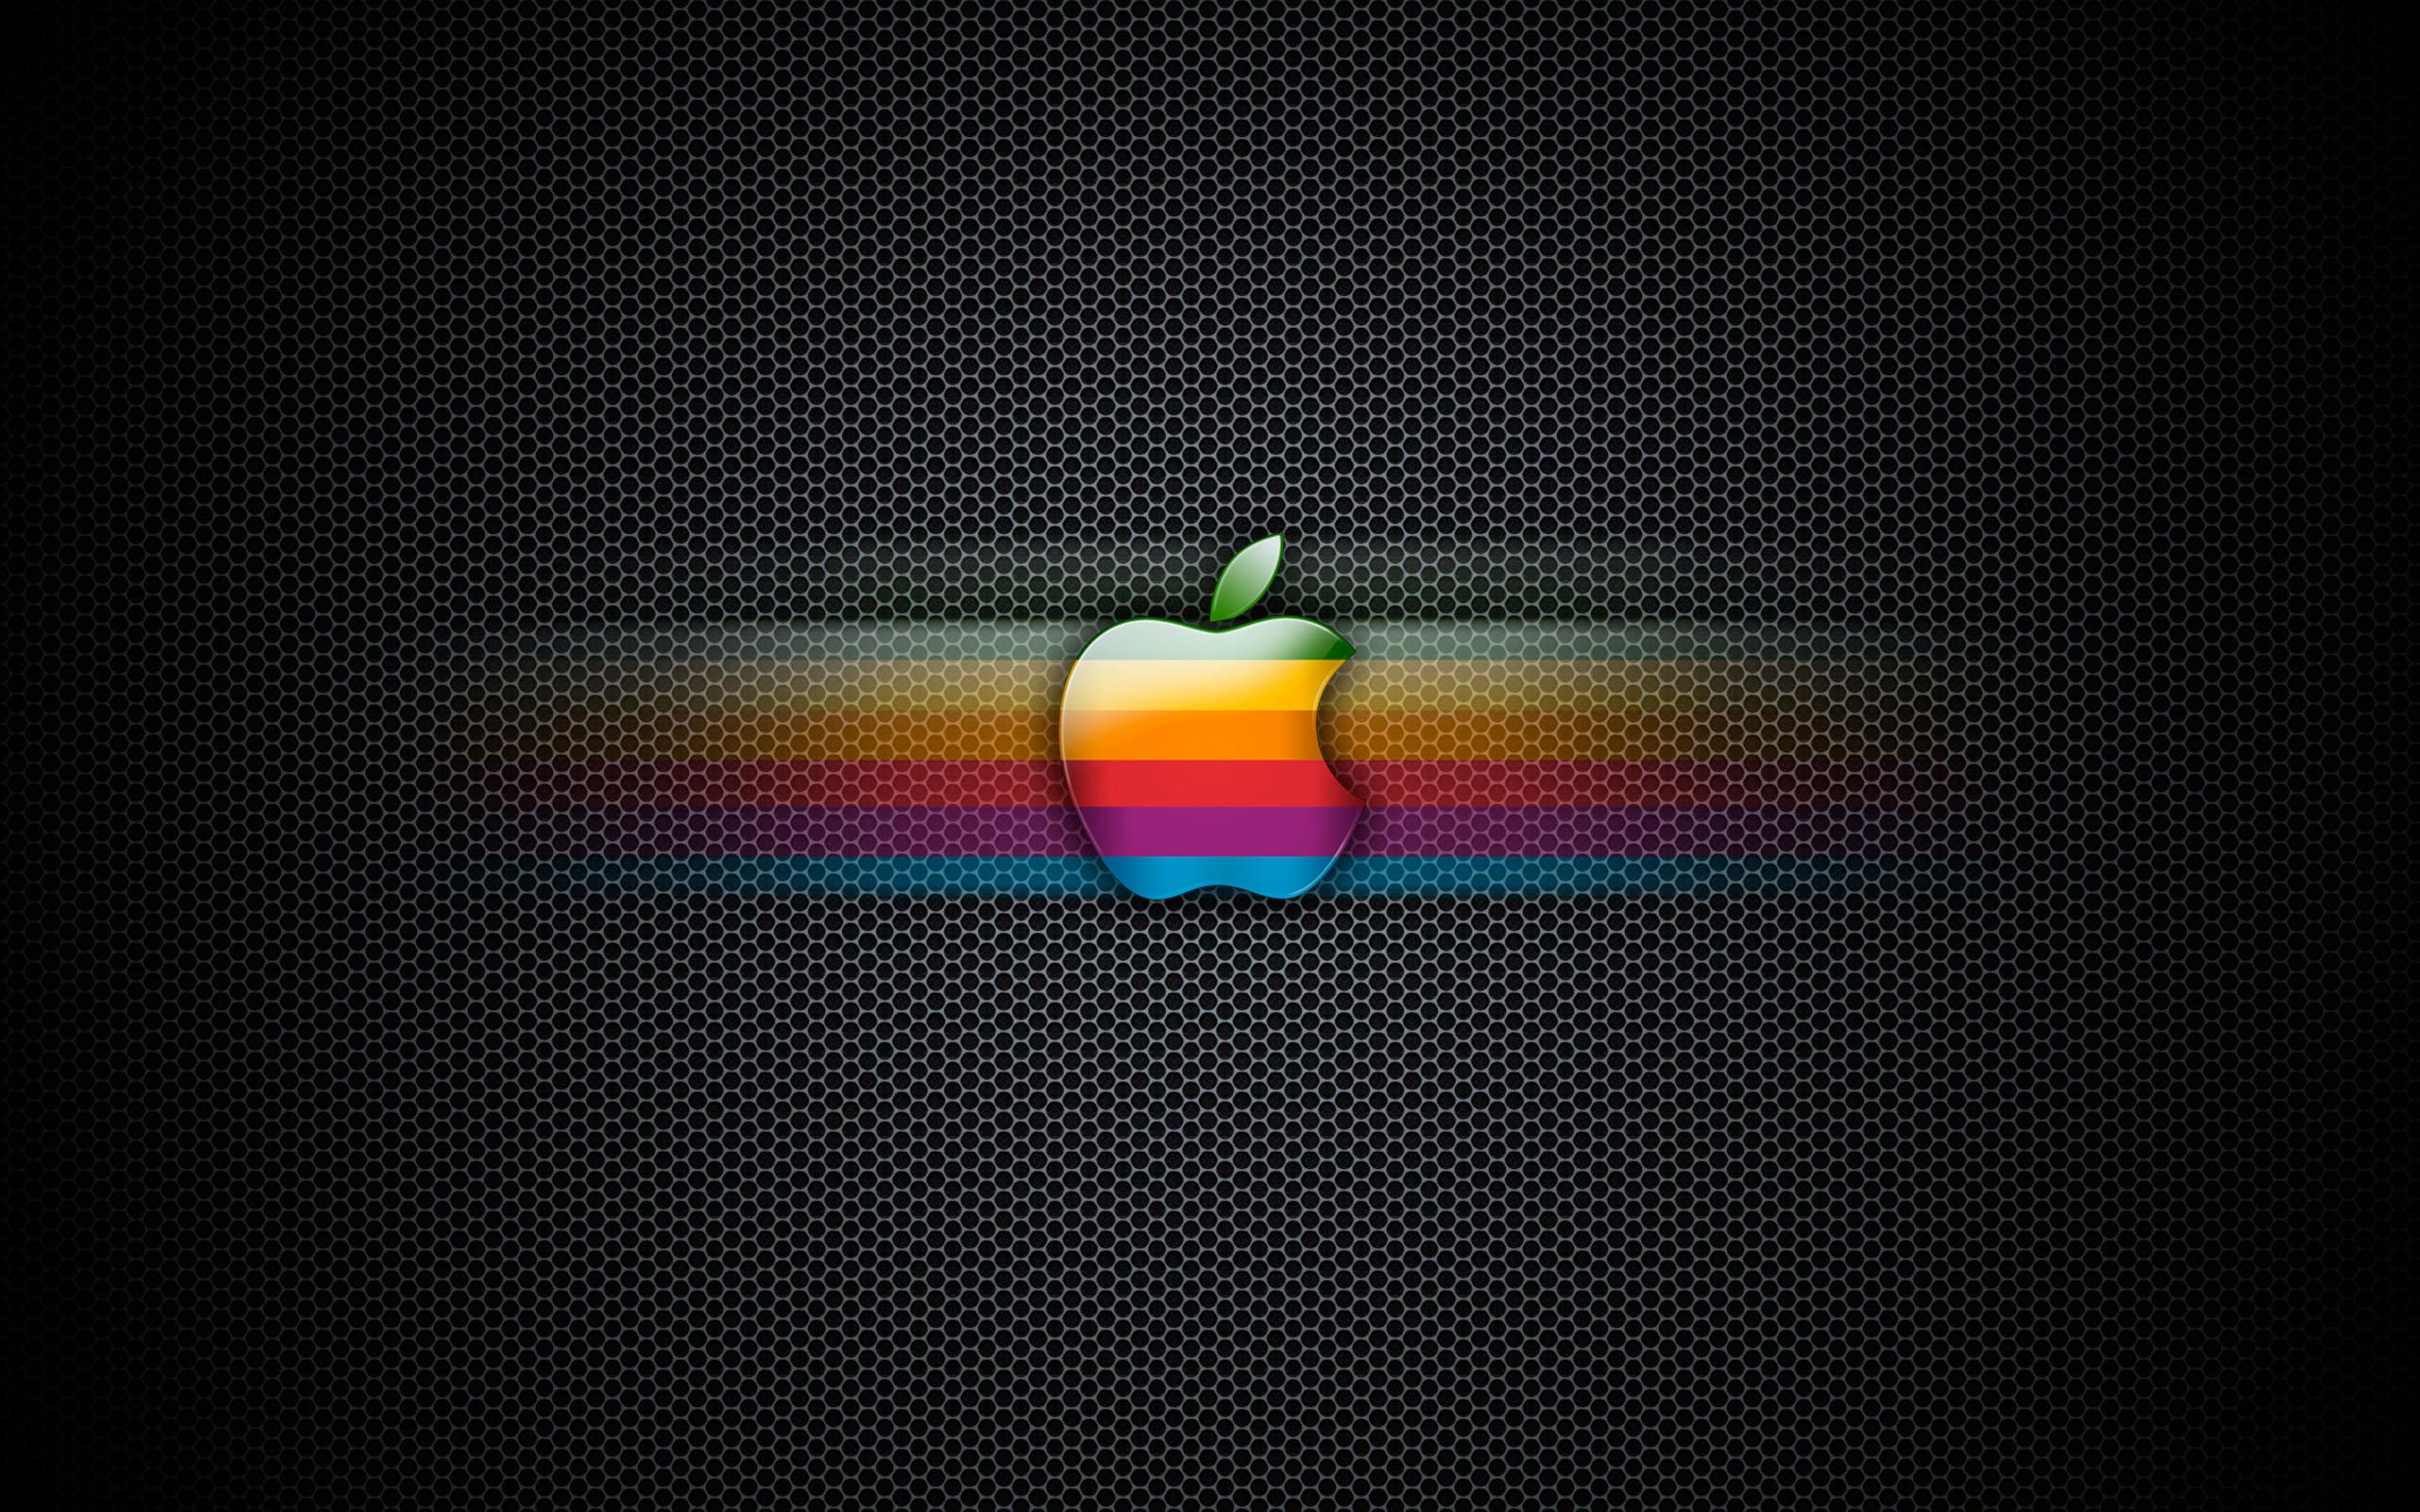 Cool MacBook Air Wallpapers - WallpaperSafari